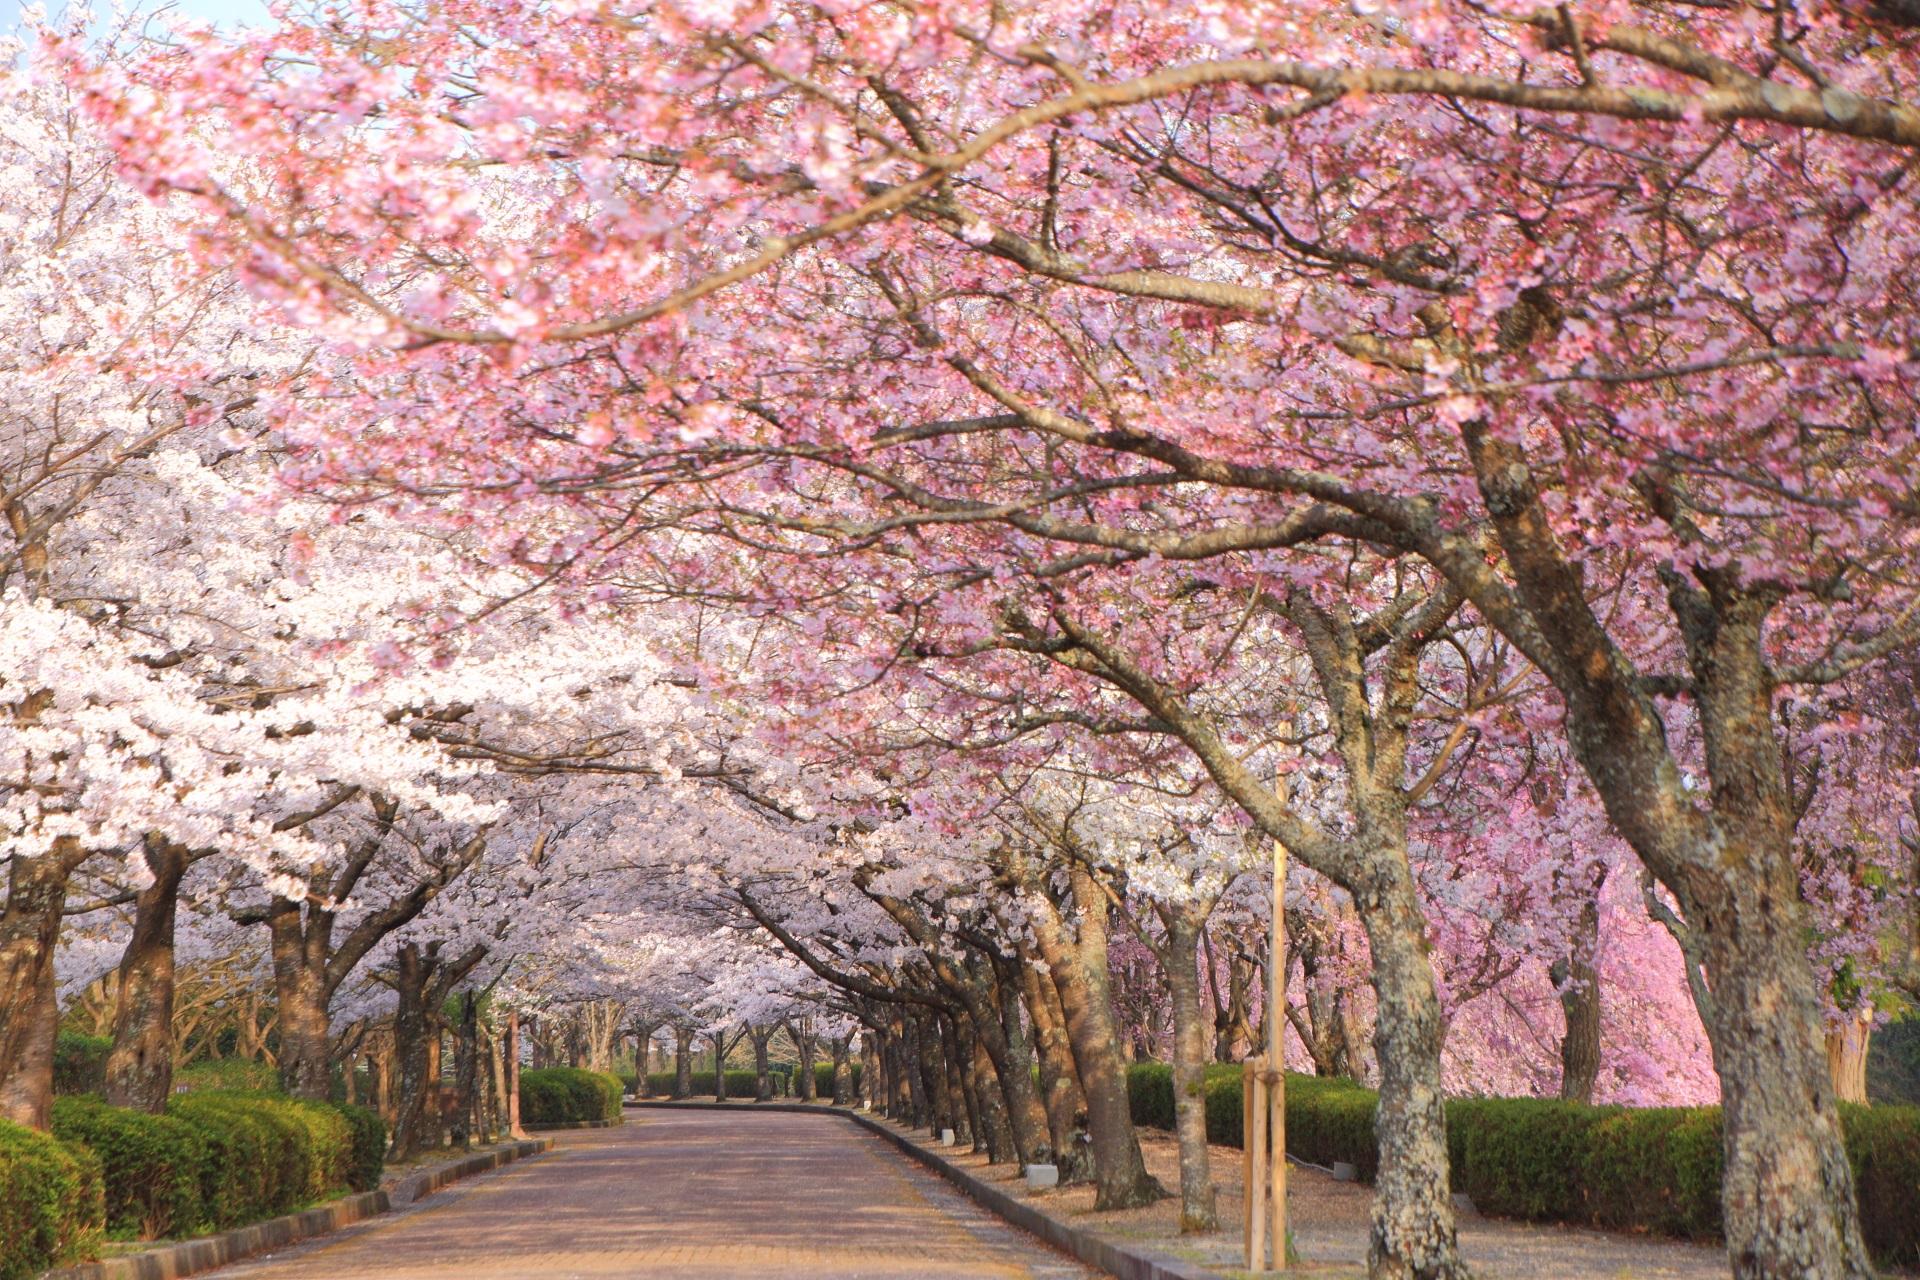 和らぎの道の煌びやかな桜